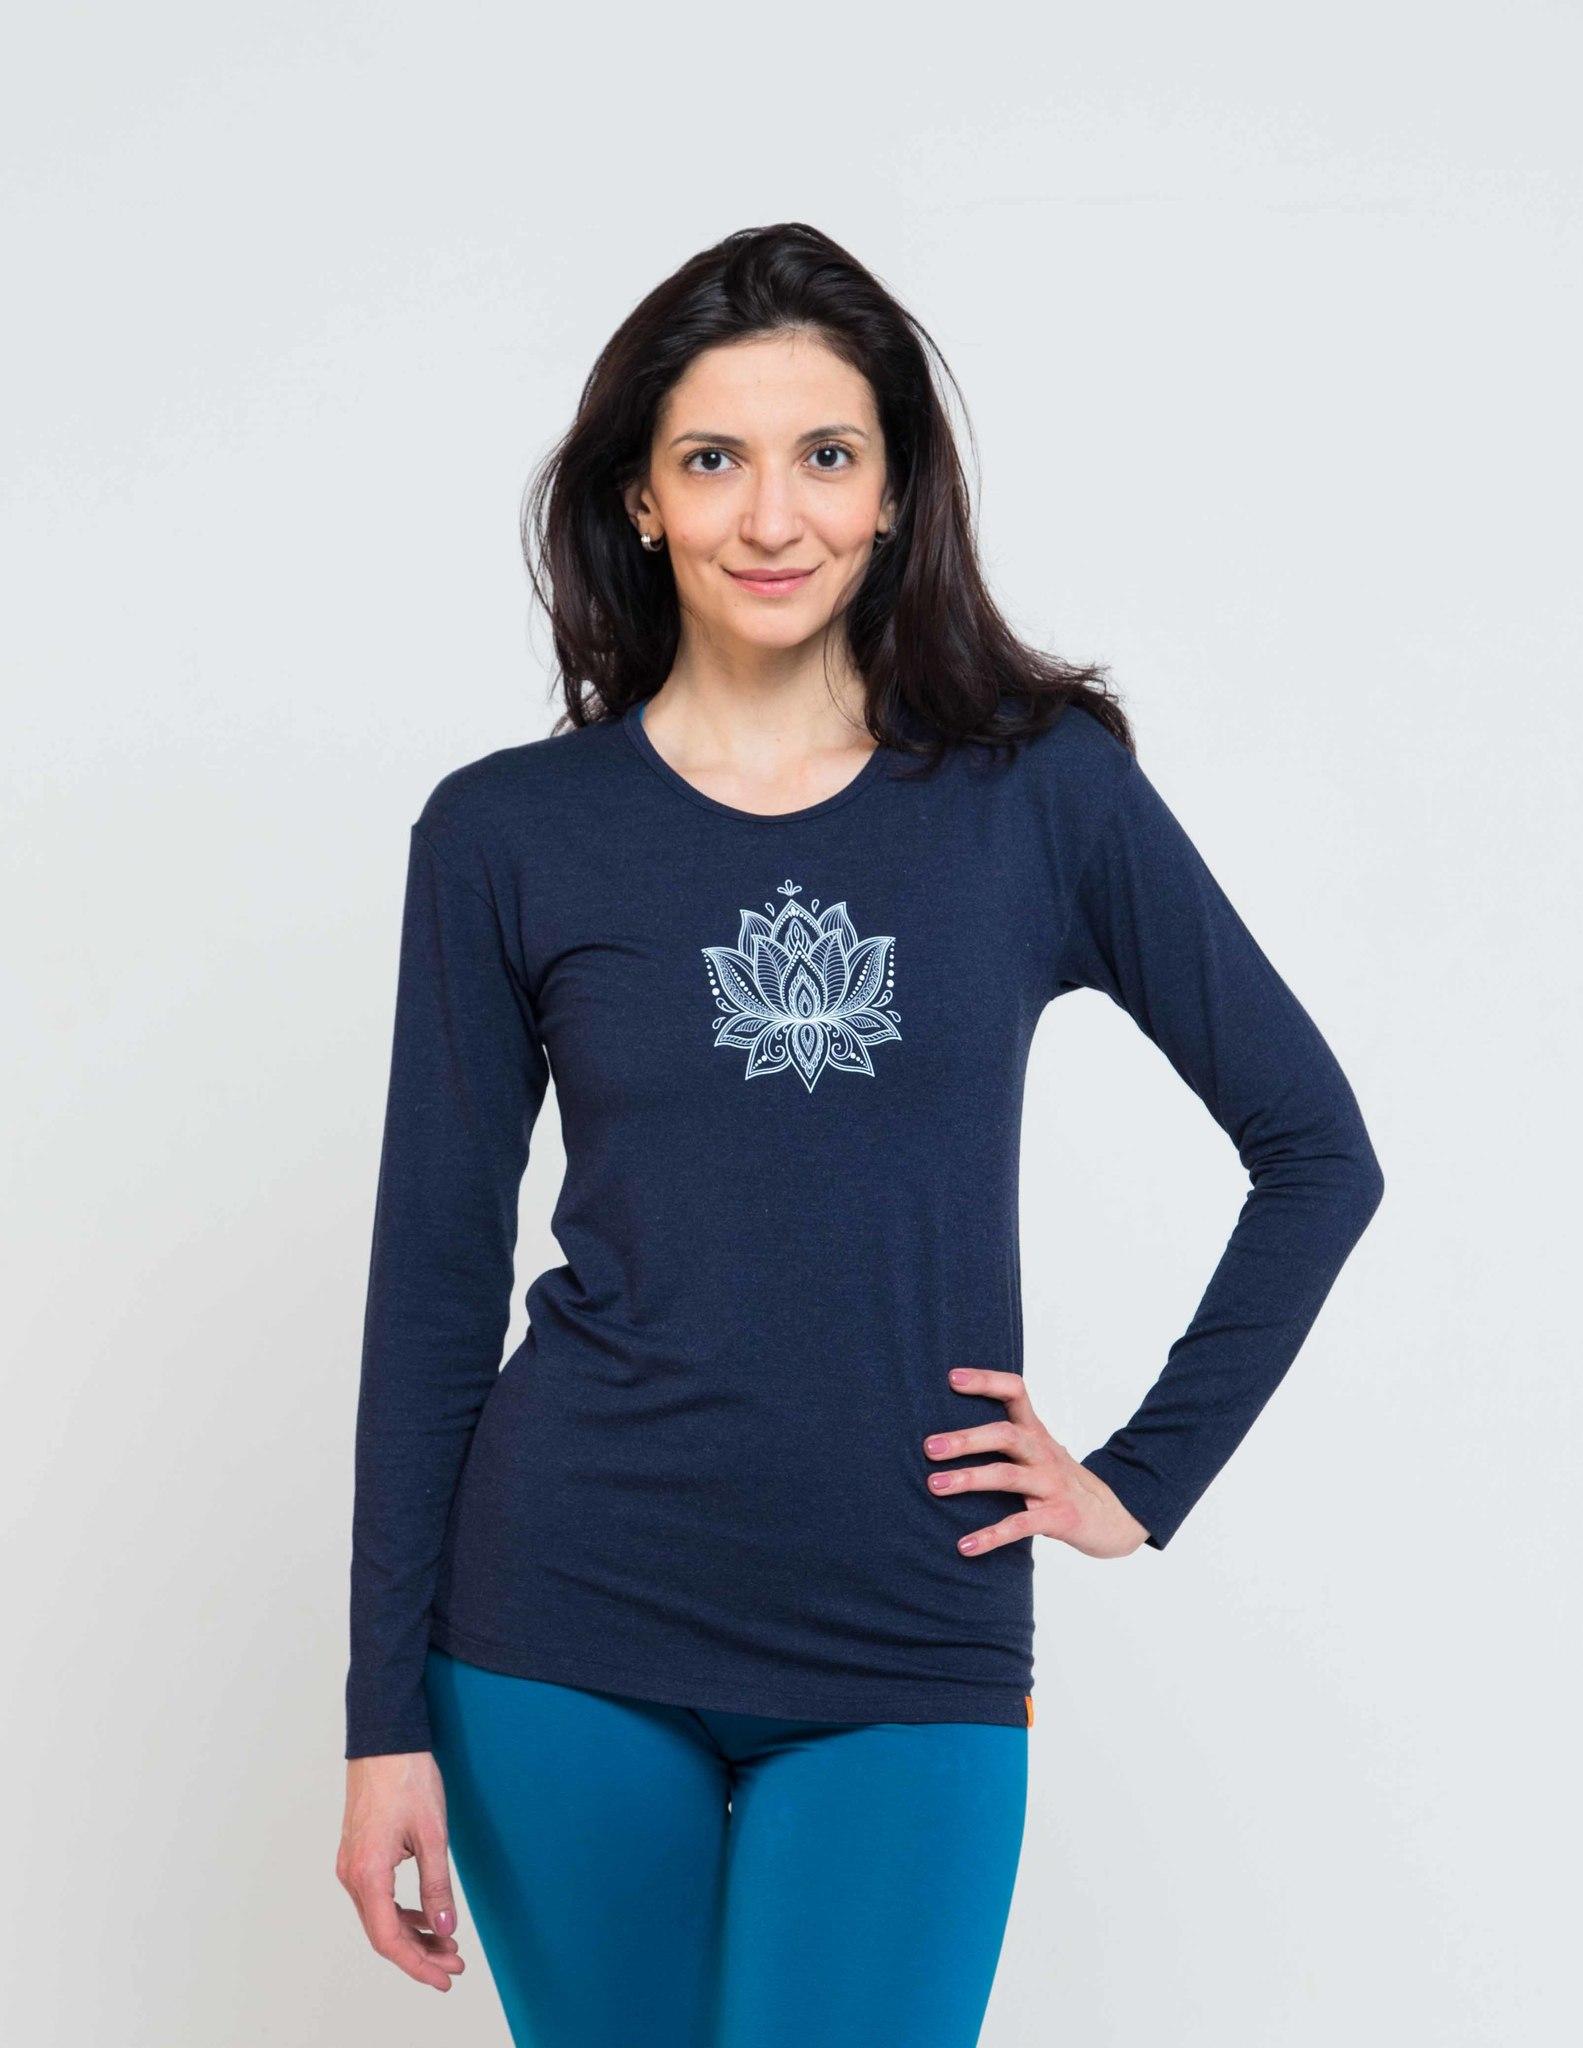 Футболка женская Лотос с длинным рукавом YogaDress (0.2 кг, M (46), синий) футболка женская лотос с длинным рукавом yogadress 0 2 кг l 48 малиновый